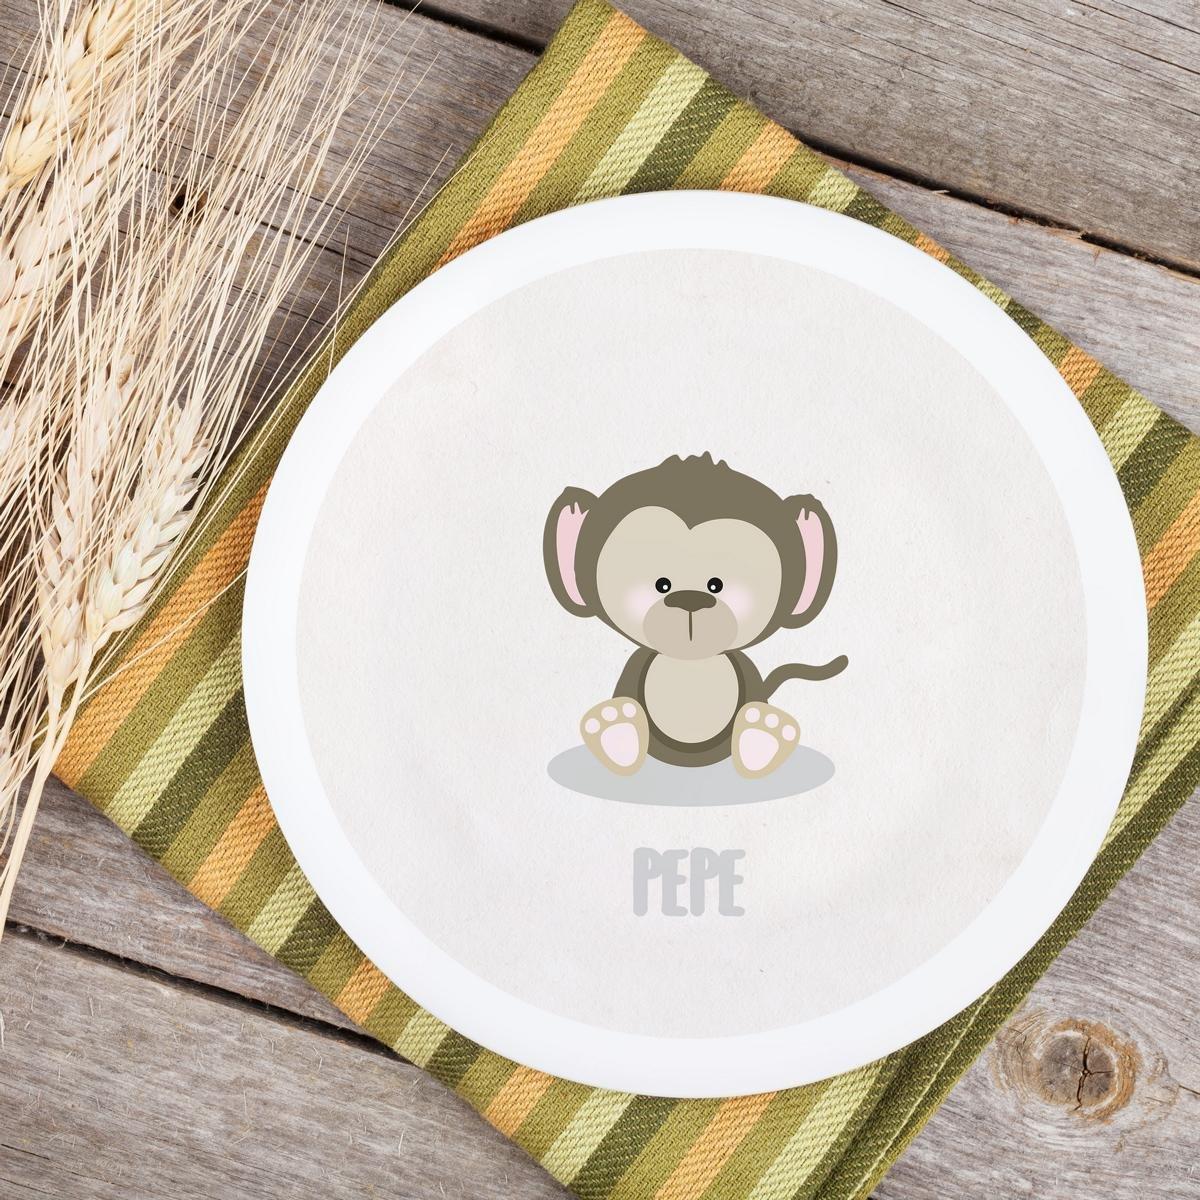 Teller Kinderteller Melaminteller Kunststoffteller Dreamchen Affe Pepe